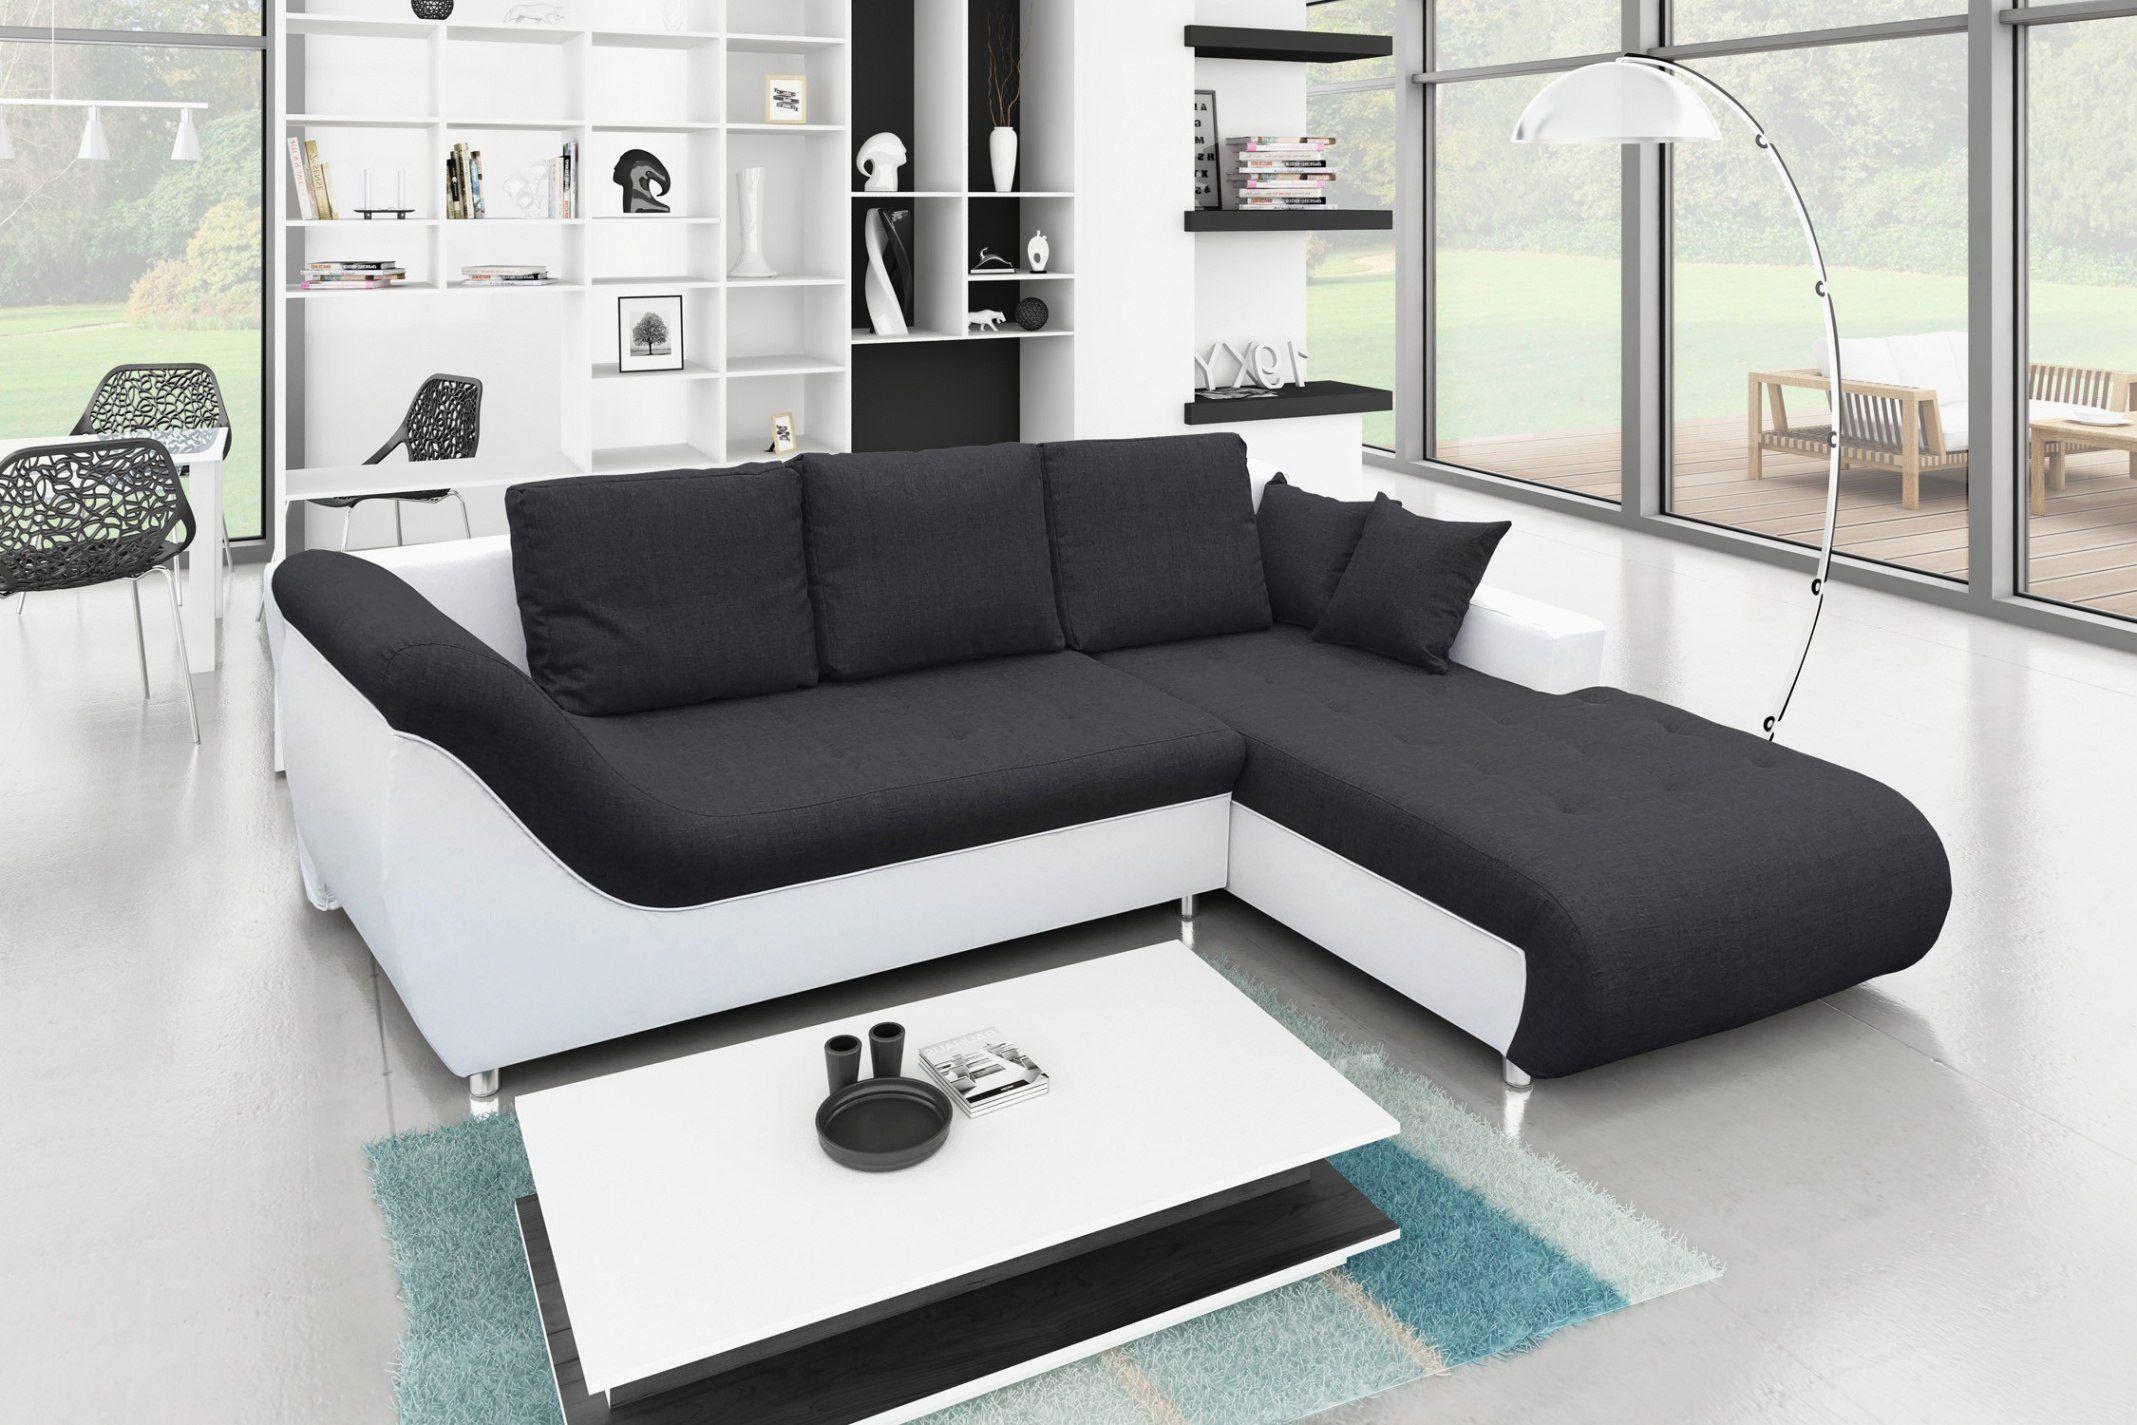 Lit Escamotable Avec Canapé Inspirant 35 Nouveau Lit Escamotable Canapé Ikea Idées